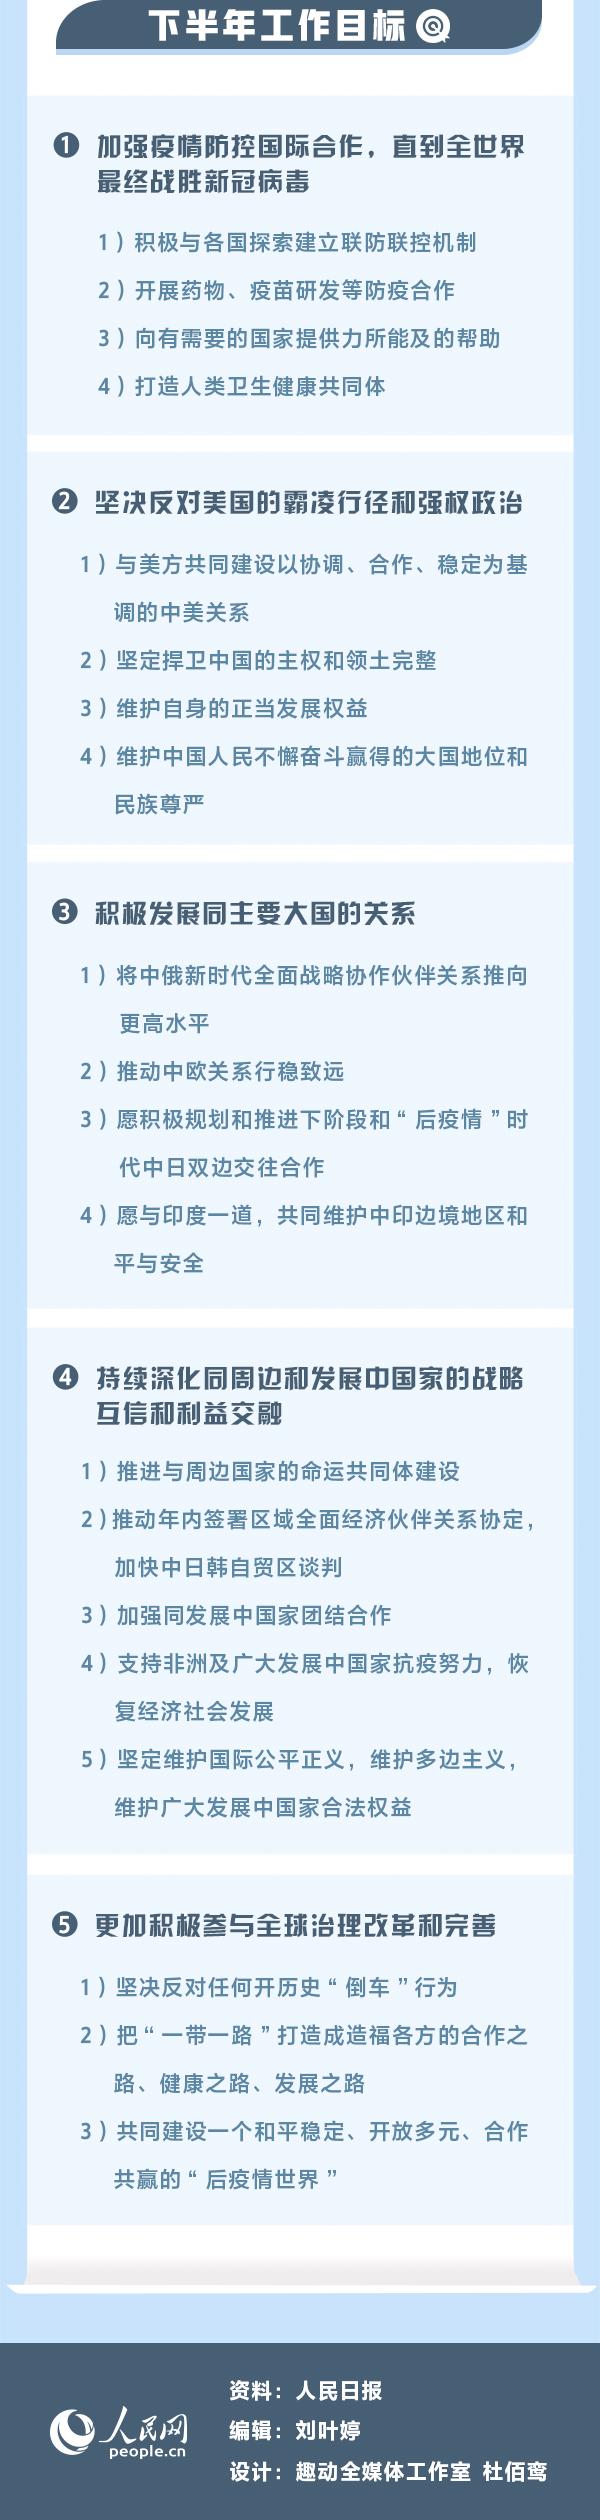 图解:上半年中国外交工作报告,请查收!